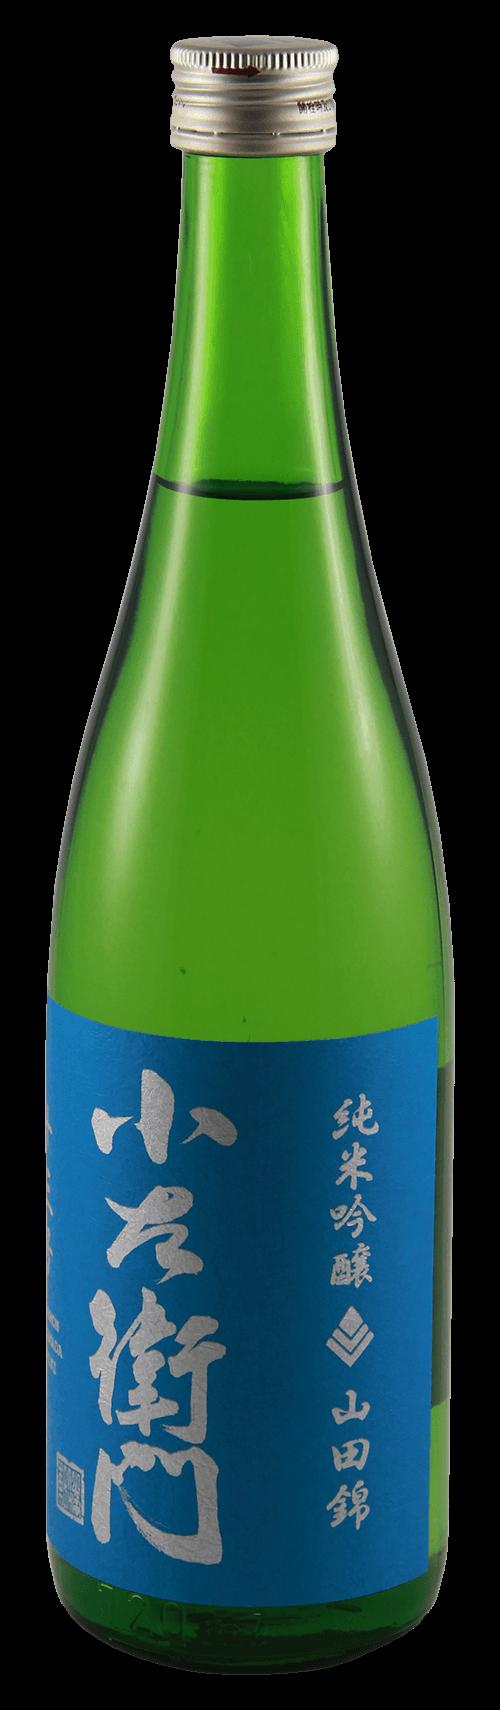 Kozaemon Junmai Ginjyo 60% Sake